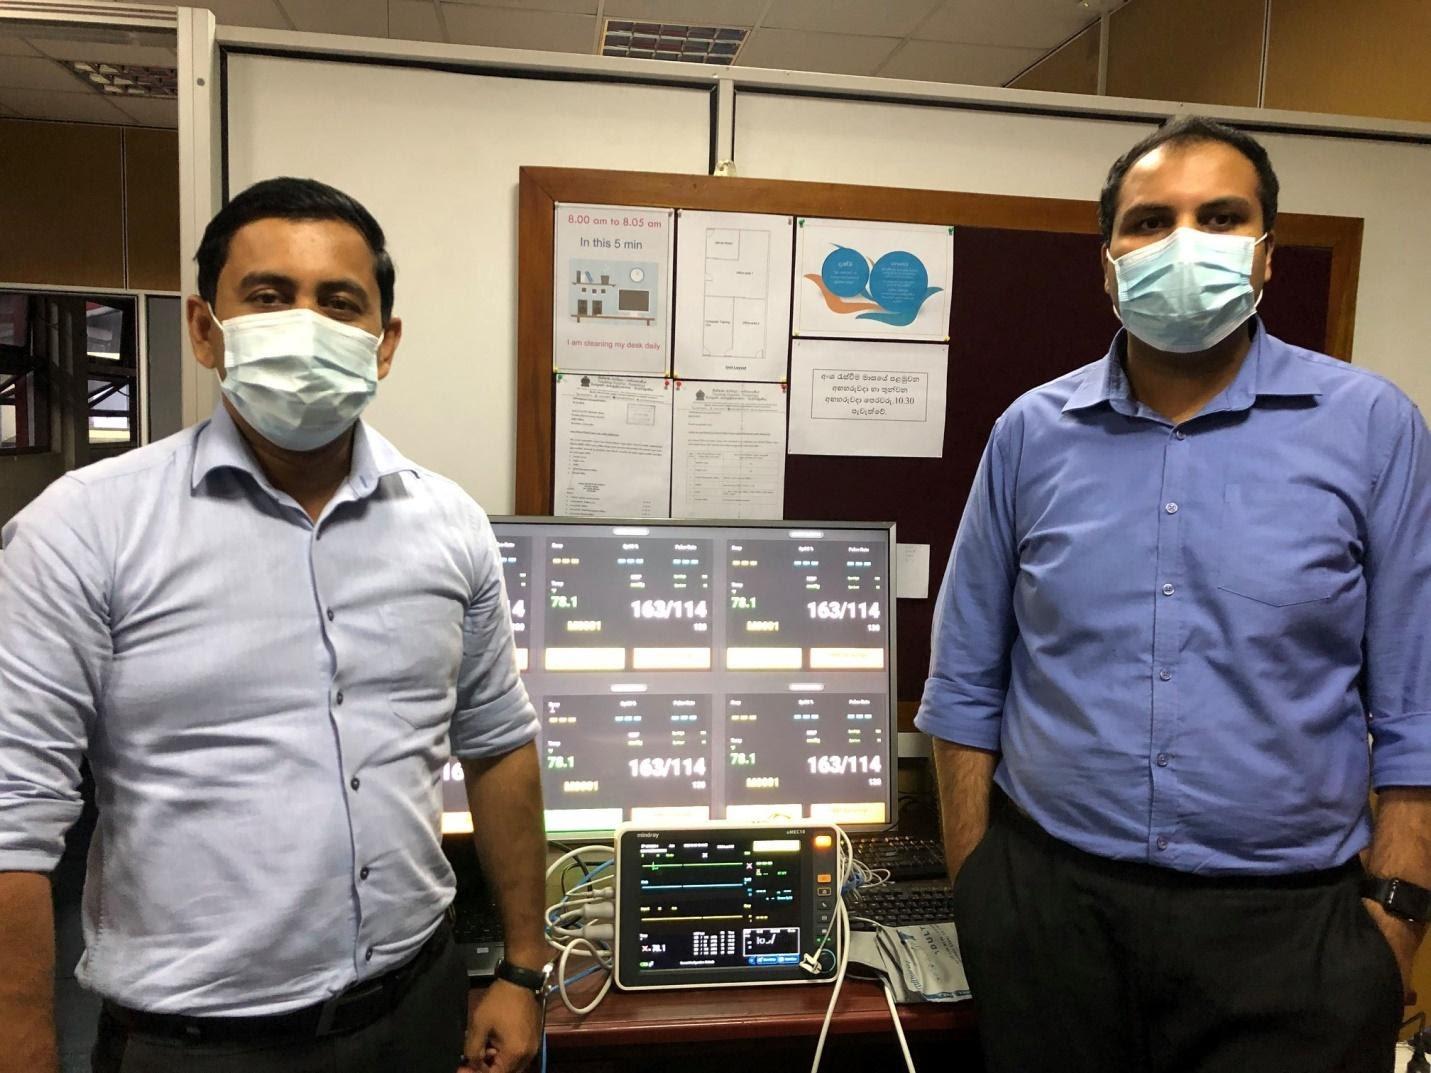 Go, Vue и 3 дня на разработку: система реального времени для мониторинга пациентов - 9